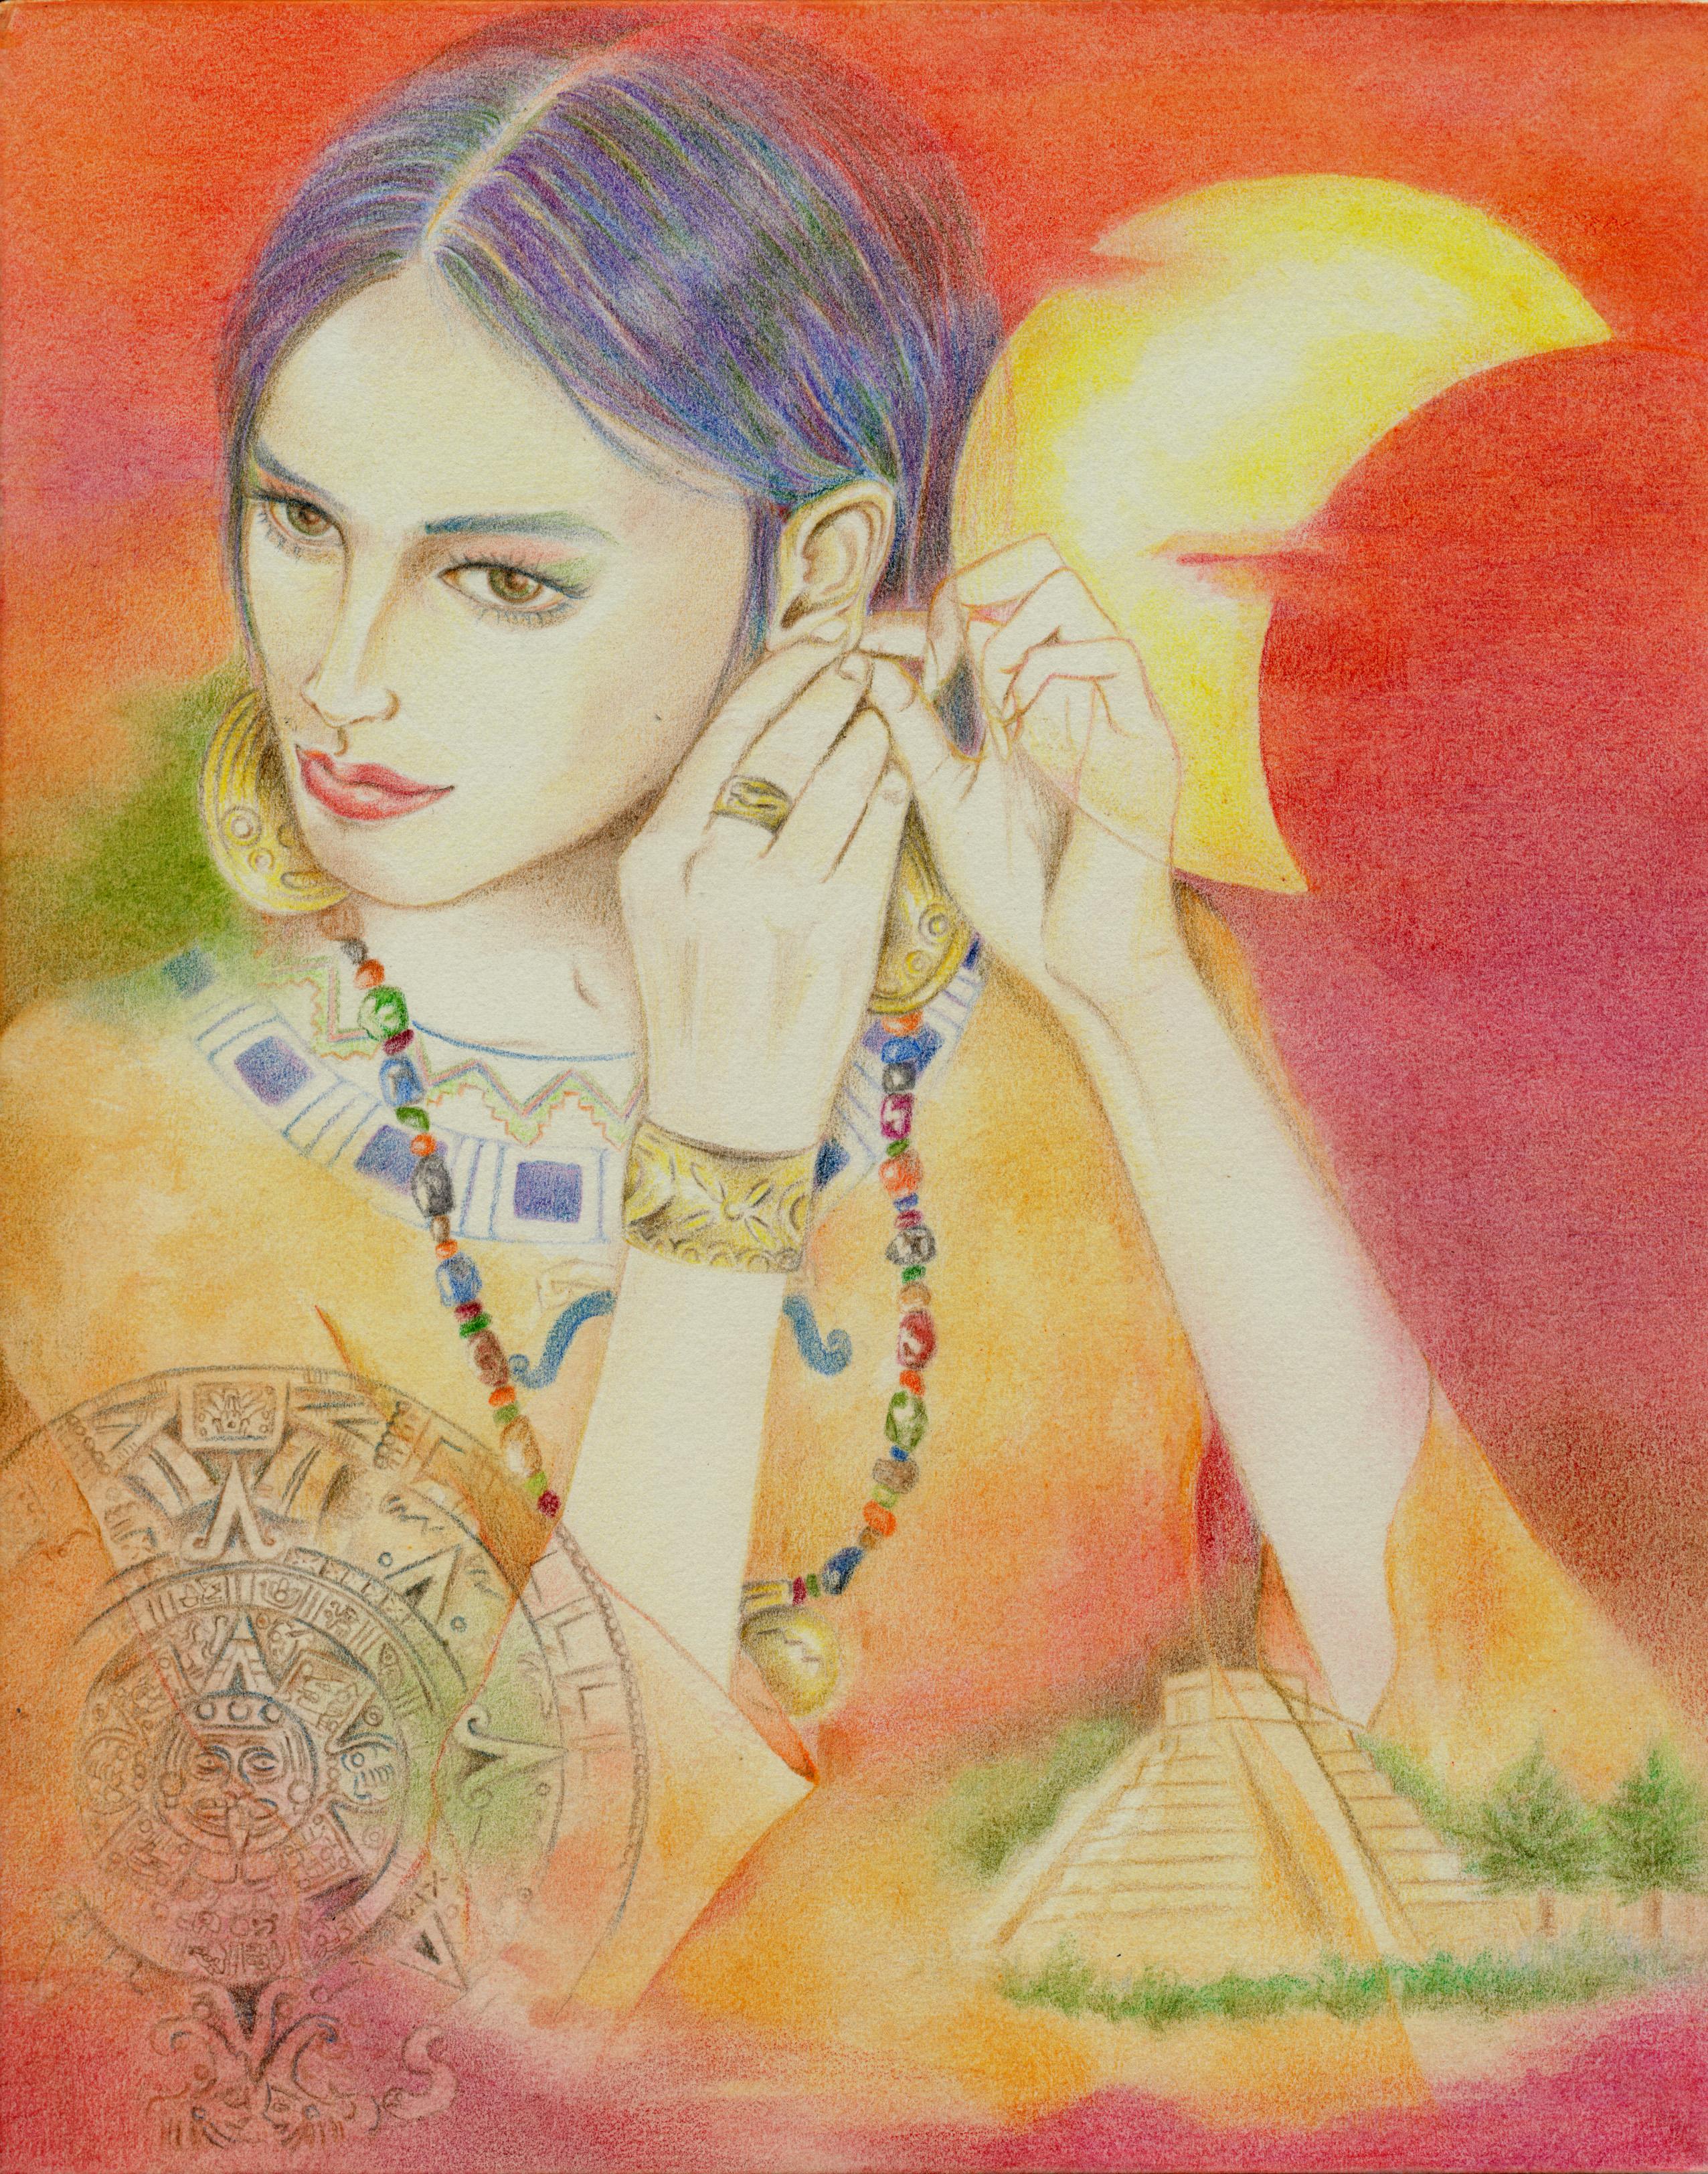 The Sun Ritual by Myuria